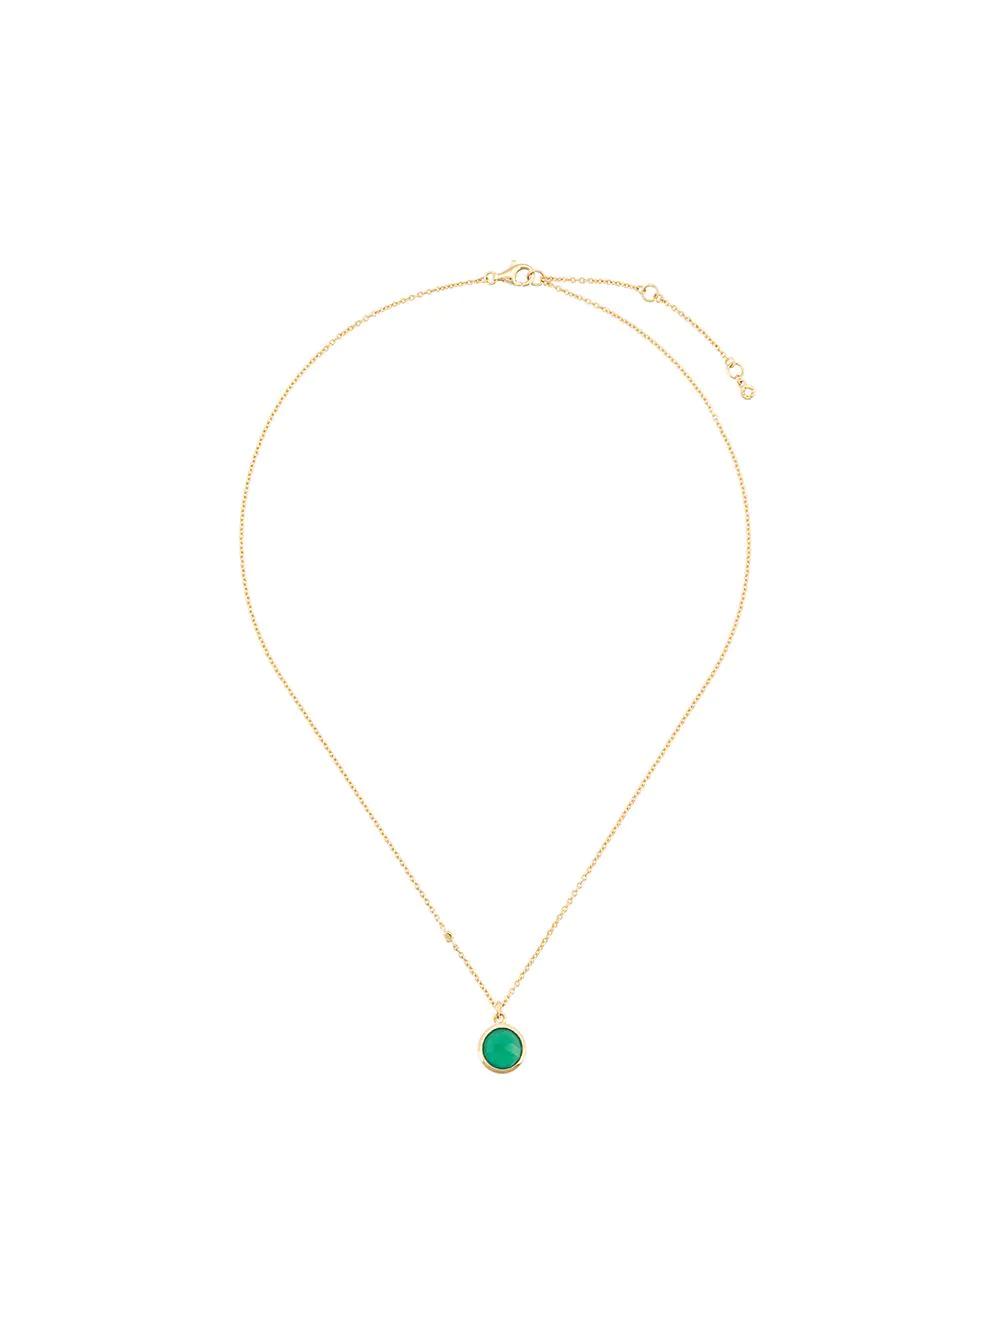 Astley Clarke | Astley Clarke колье Stilla с зеленым ониксом | Clouty